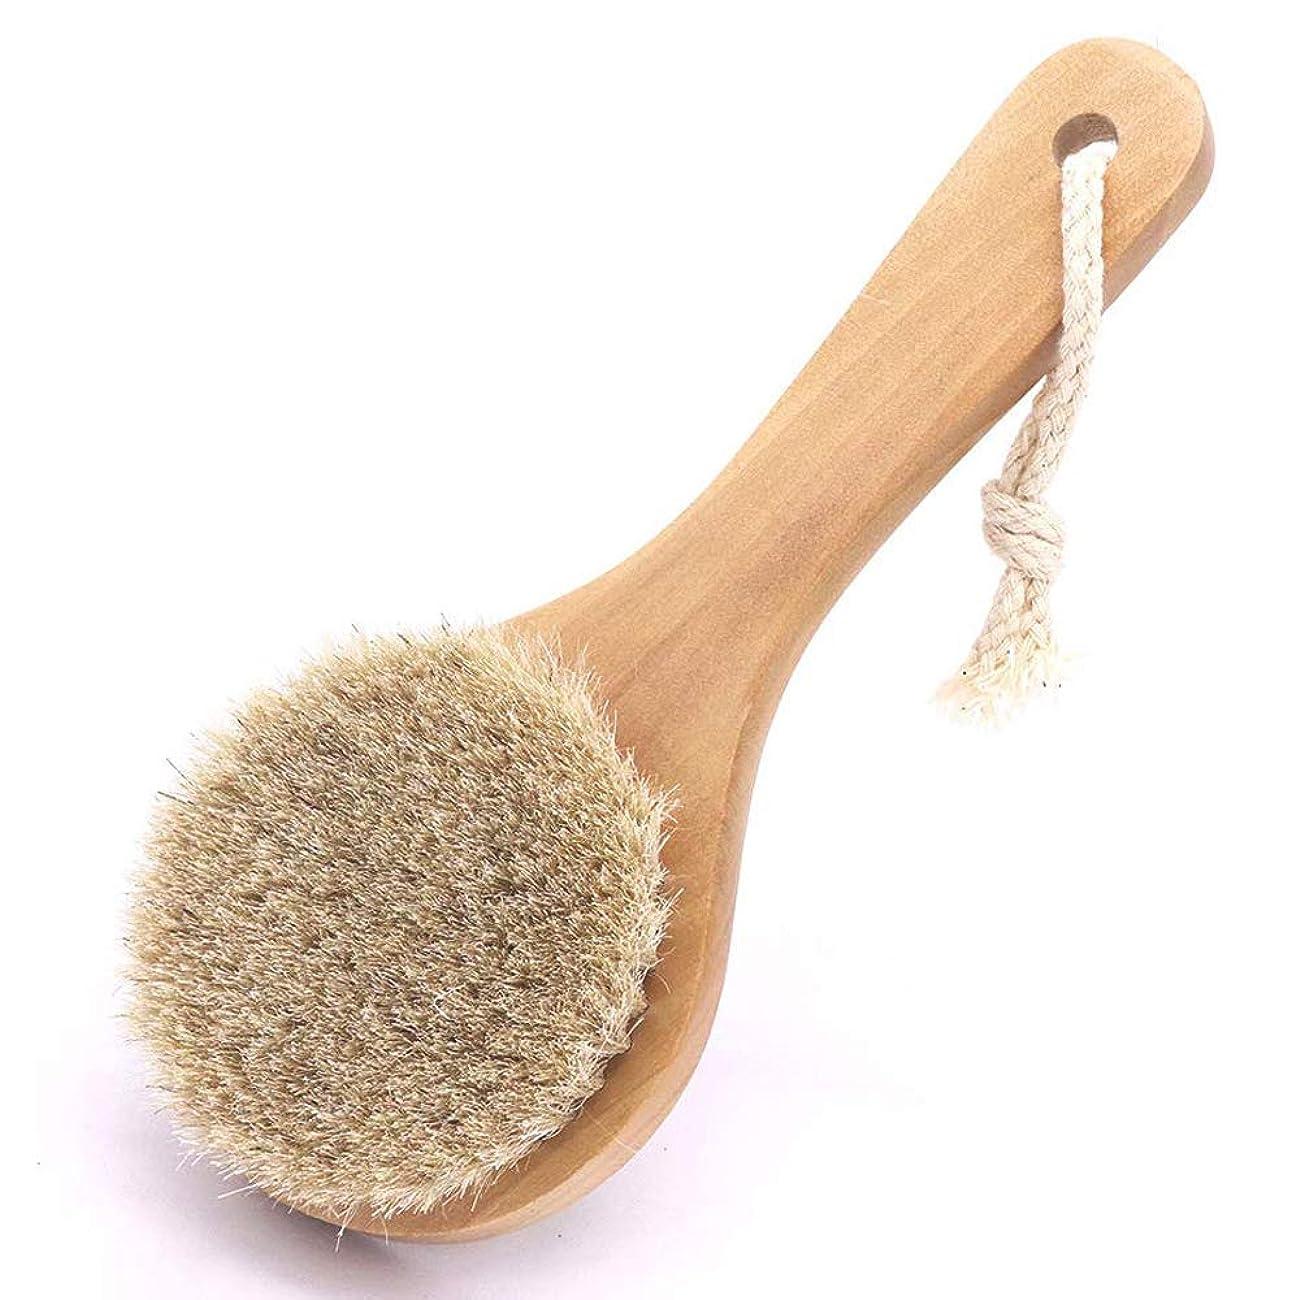 アクセシブル主に優先権馬毛ボディブラシ 木製 短柄 足を洗う お風呂用 体洗い 女性 角質除去 柔らかい 美肌 馬毛ボディブラシ